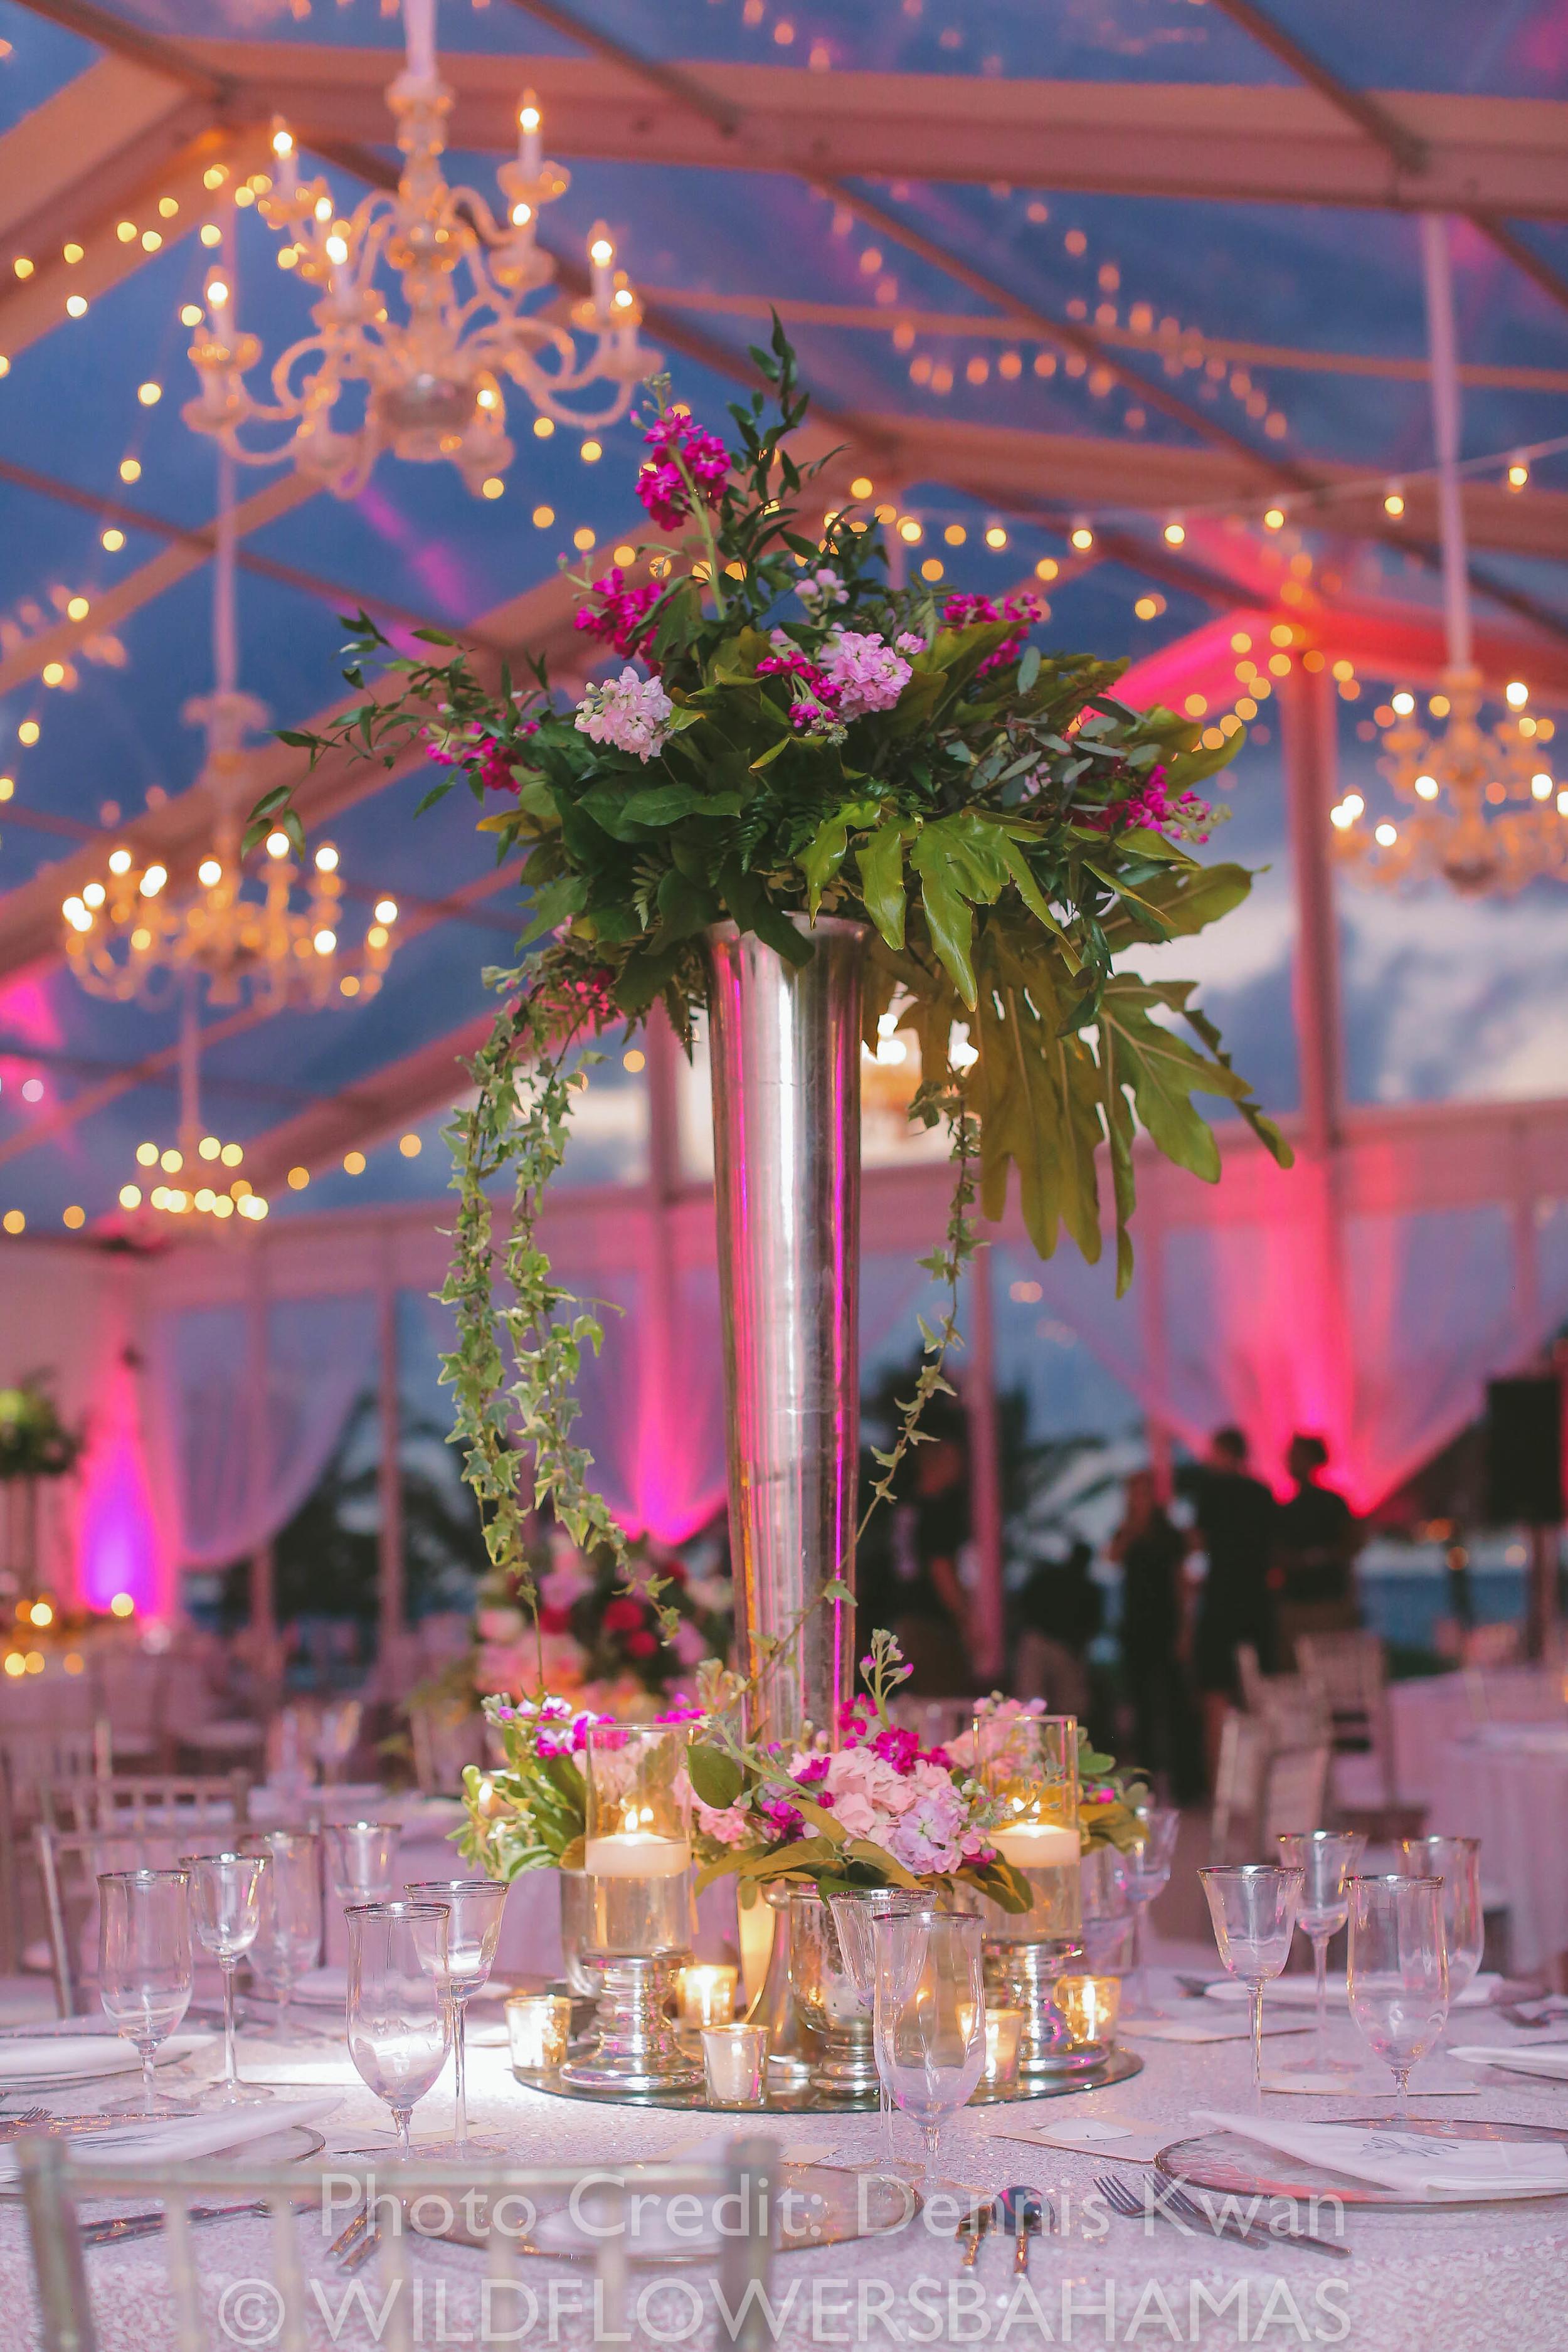 Wildflowers-Bahamas-Weddings-Events-WC025.jpg